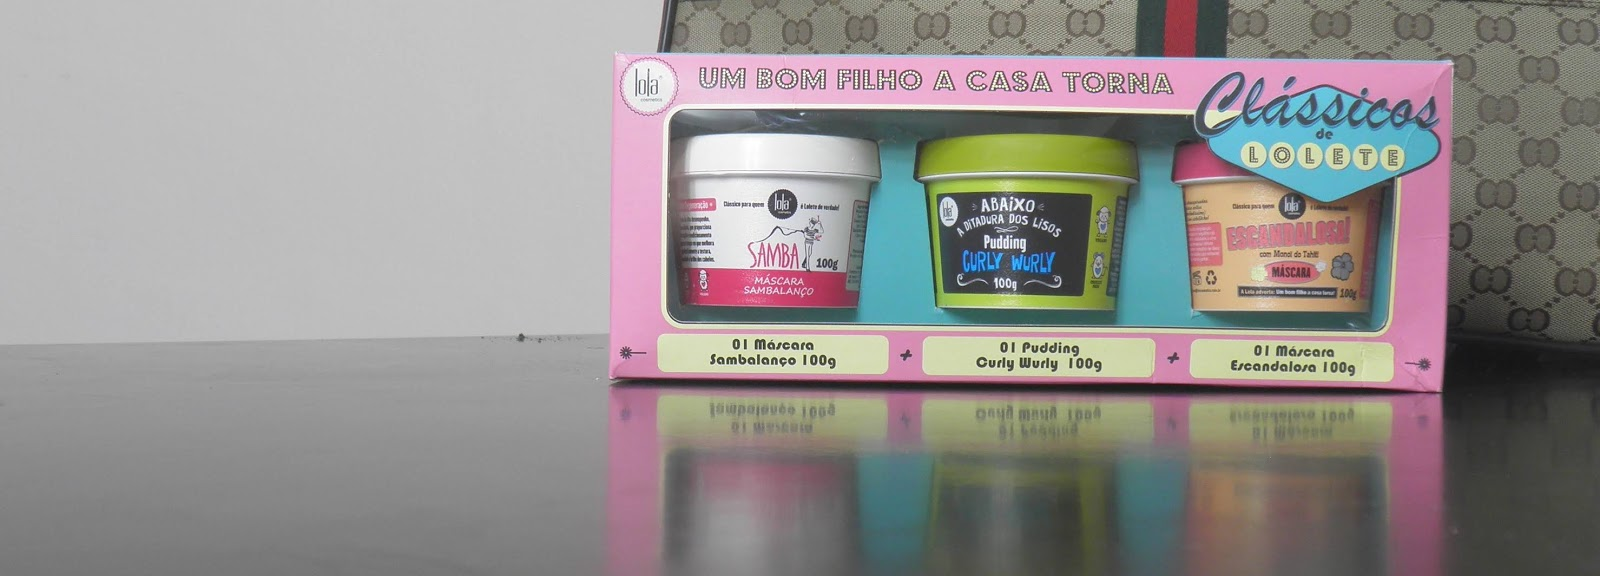 Onde Comprar Clássicos de Lolete - Máscara Sambalanço, Pudding Curly Wurly e Máscara Escandalosa